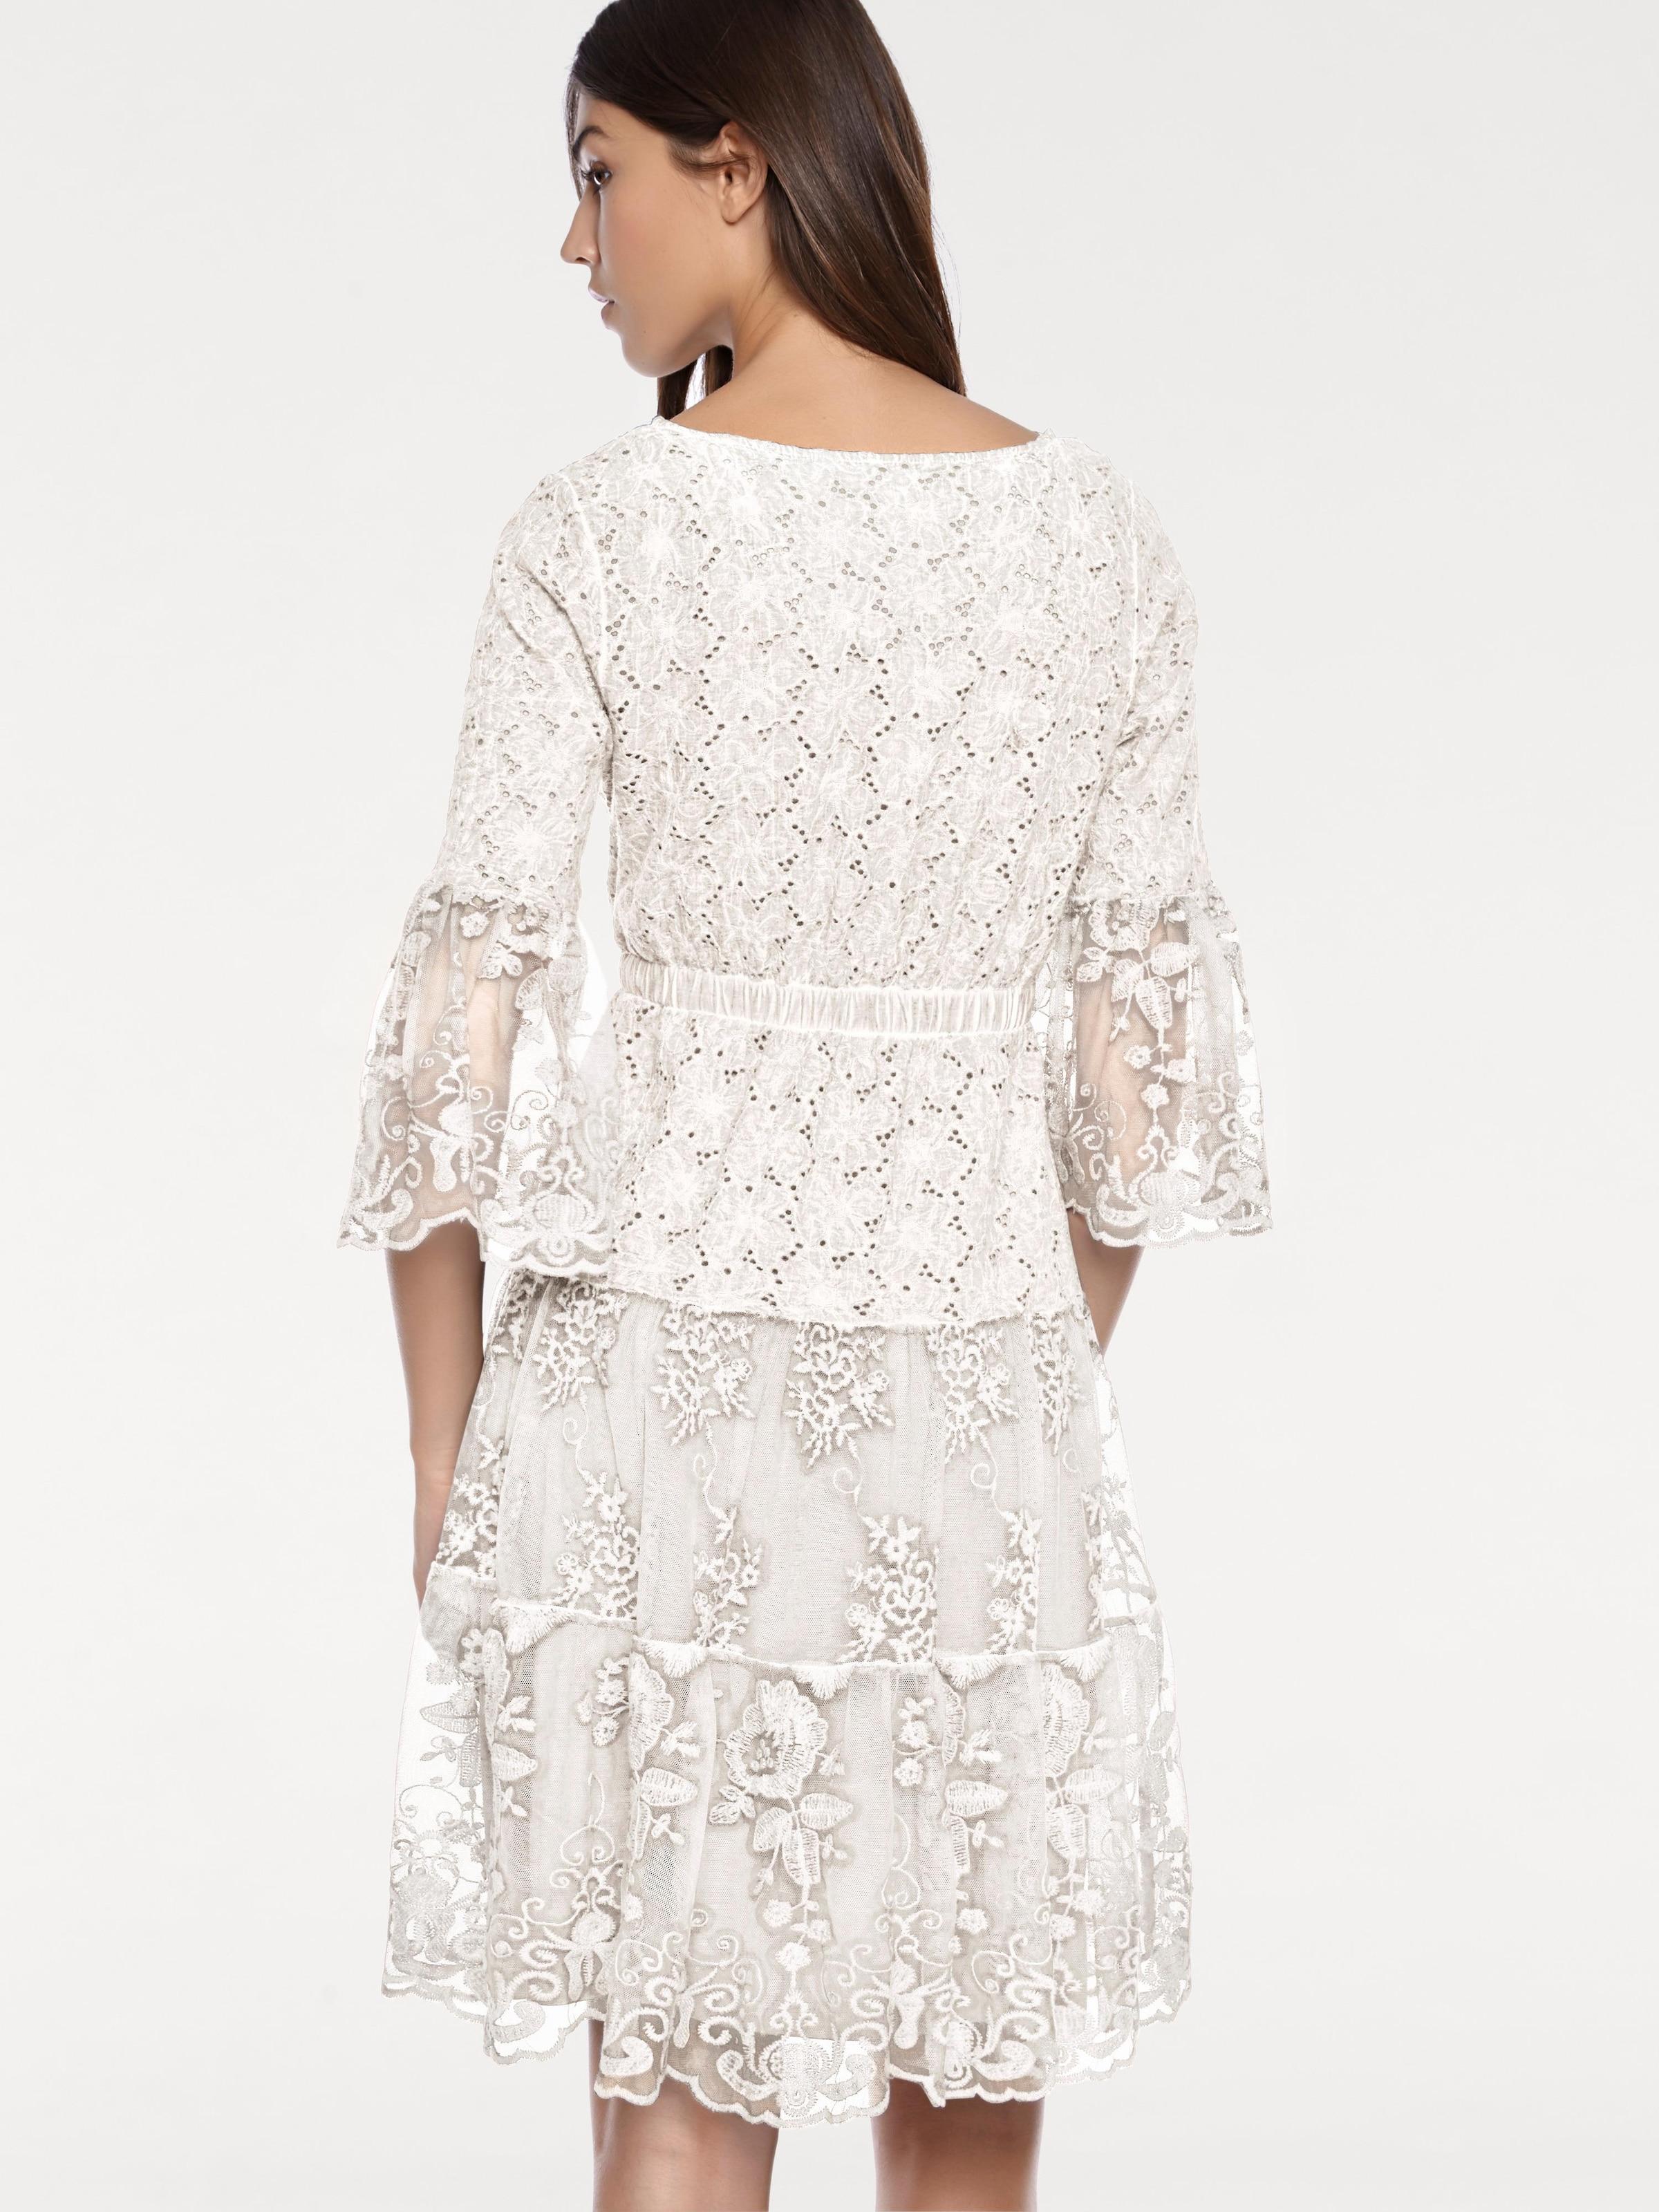 En Blanc Blanc Robe Perle Robe Robe Heine Heine En Perle Heine En Xkn80wOP